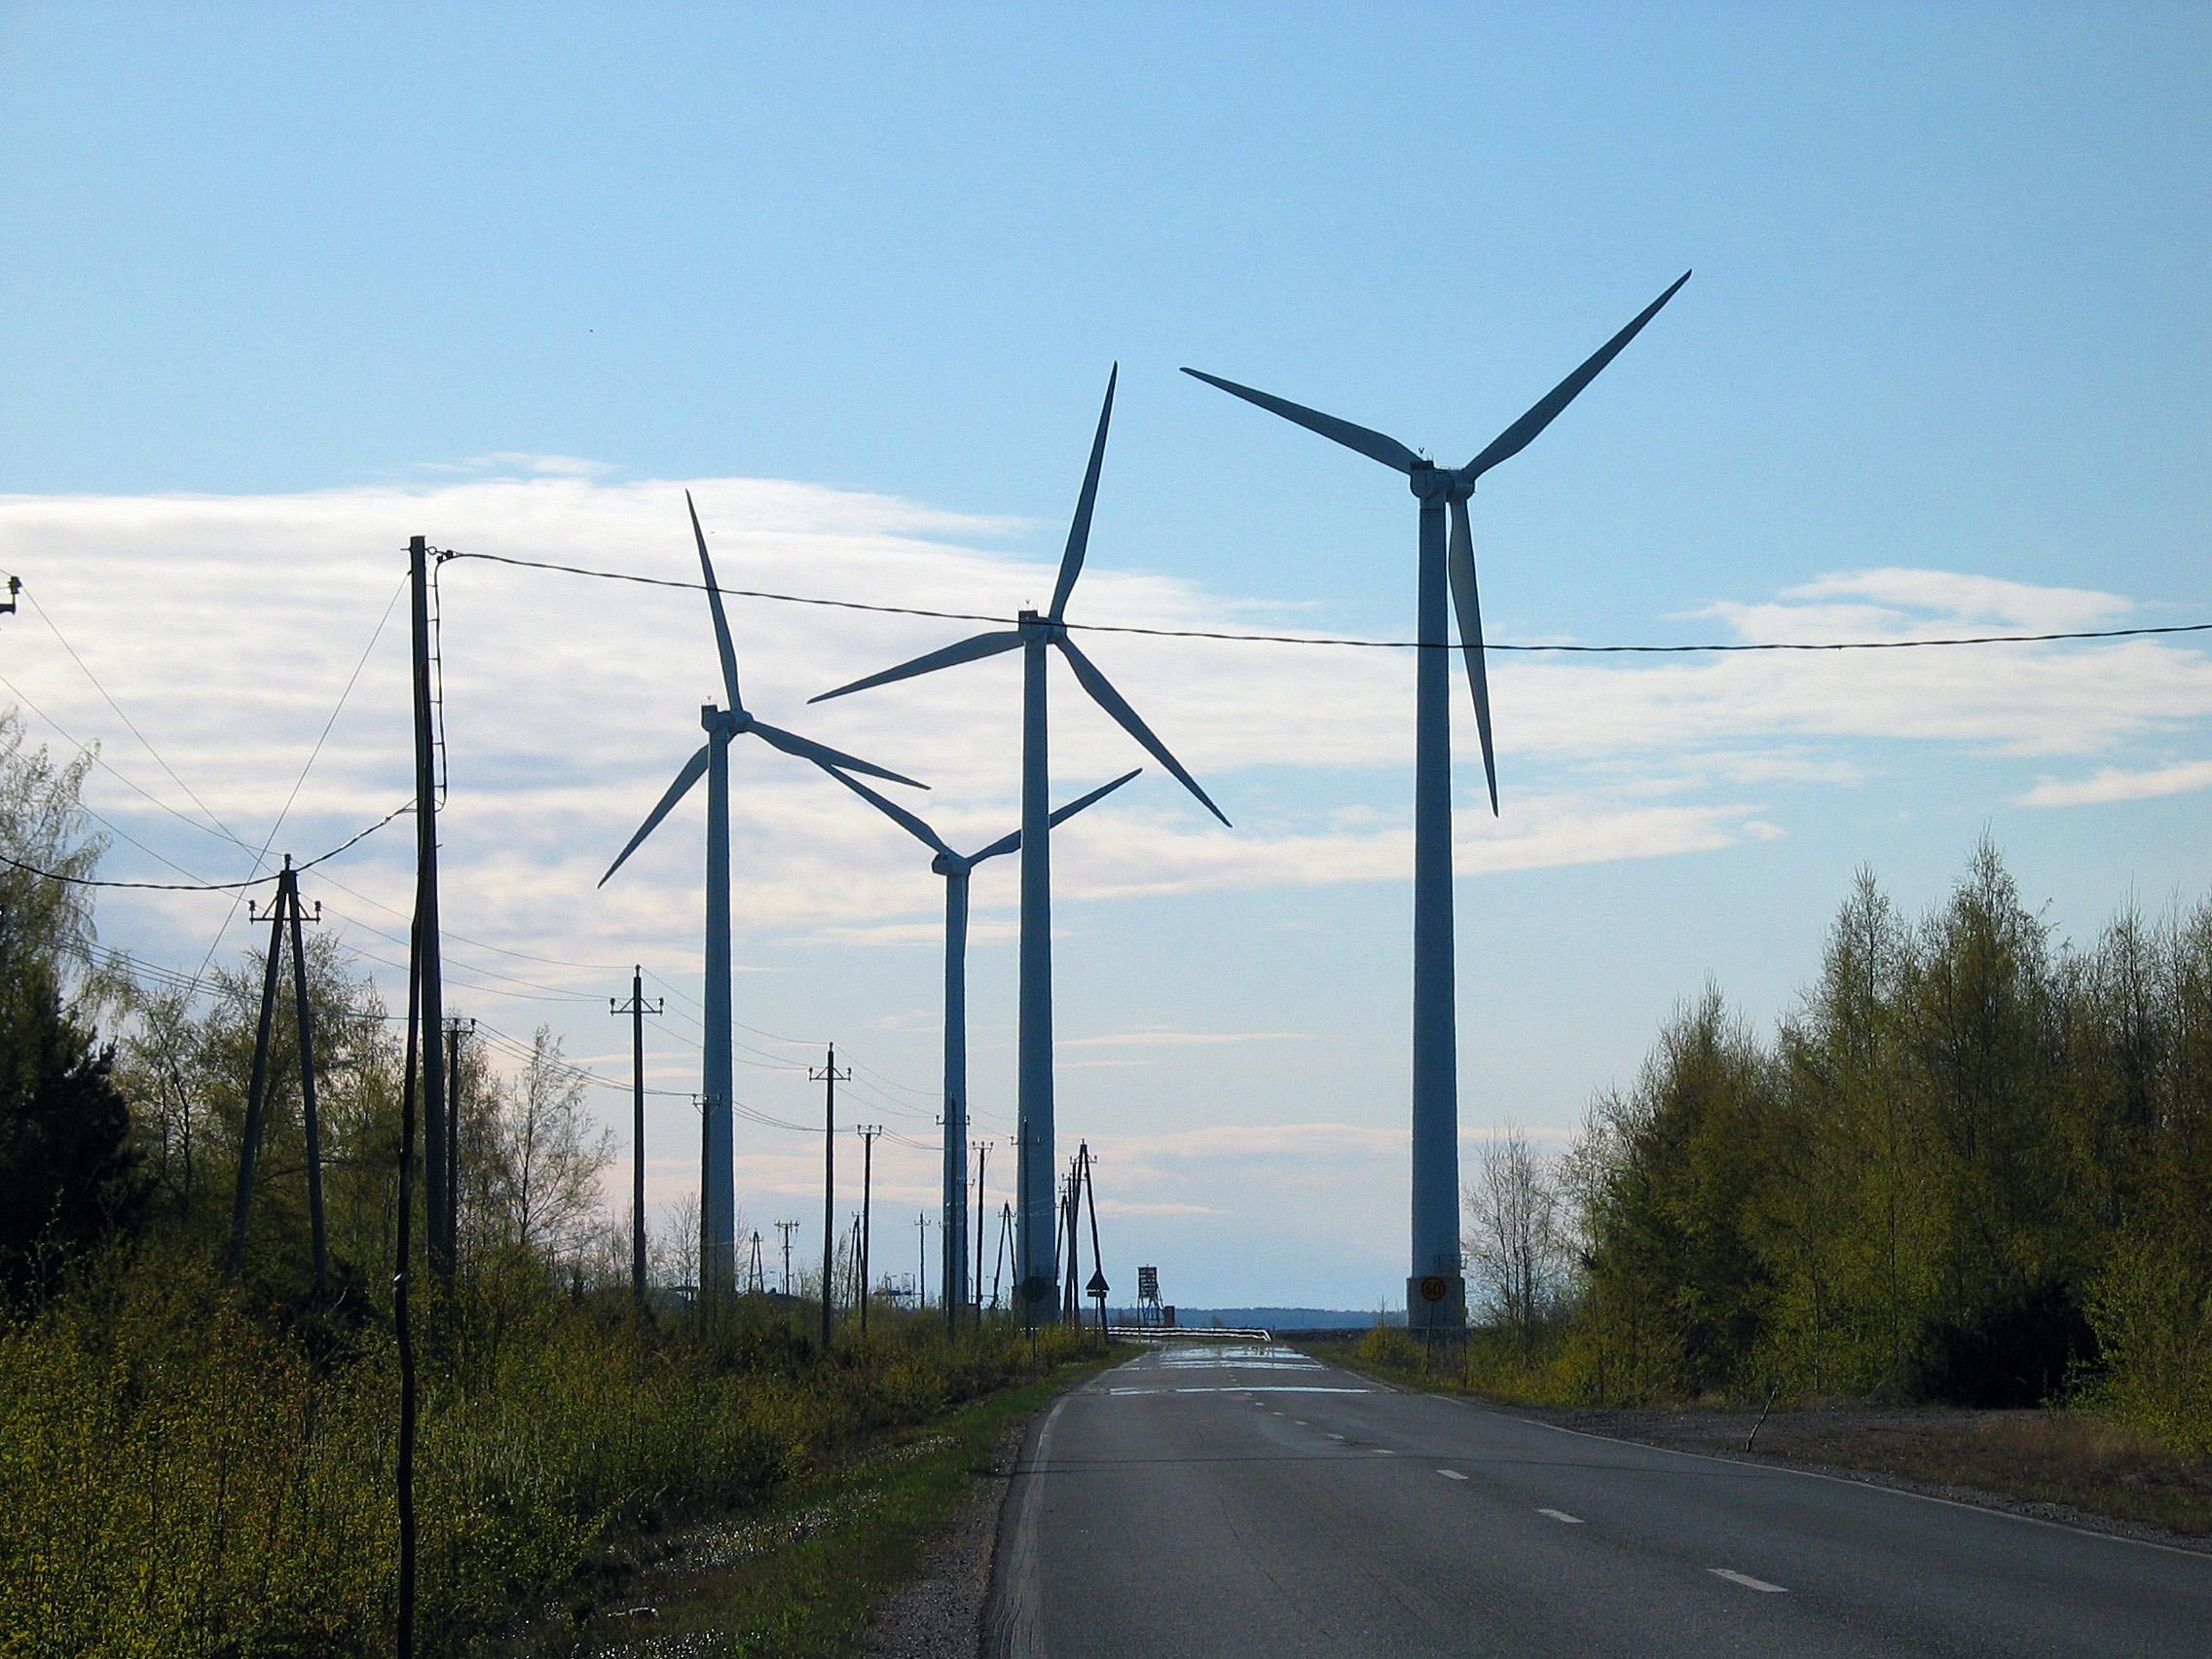 Tuulivoiman vaikutuksista ihmisten terveyteen käydään aktiivista keskustelua, jonka taustaksi kaivataan lisää tietoa.